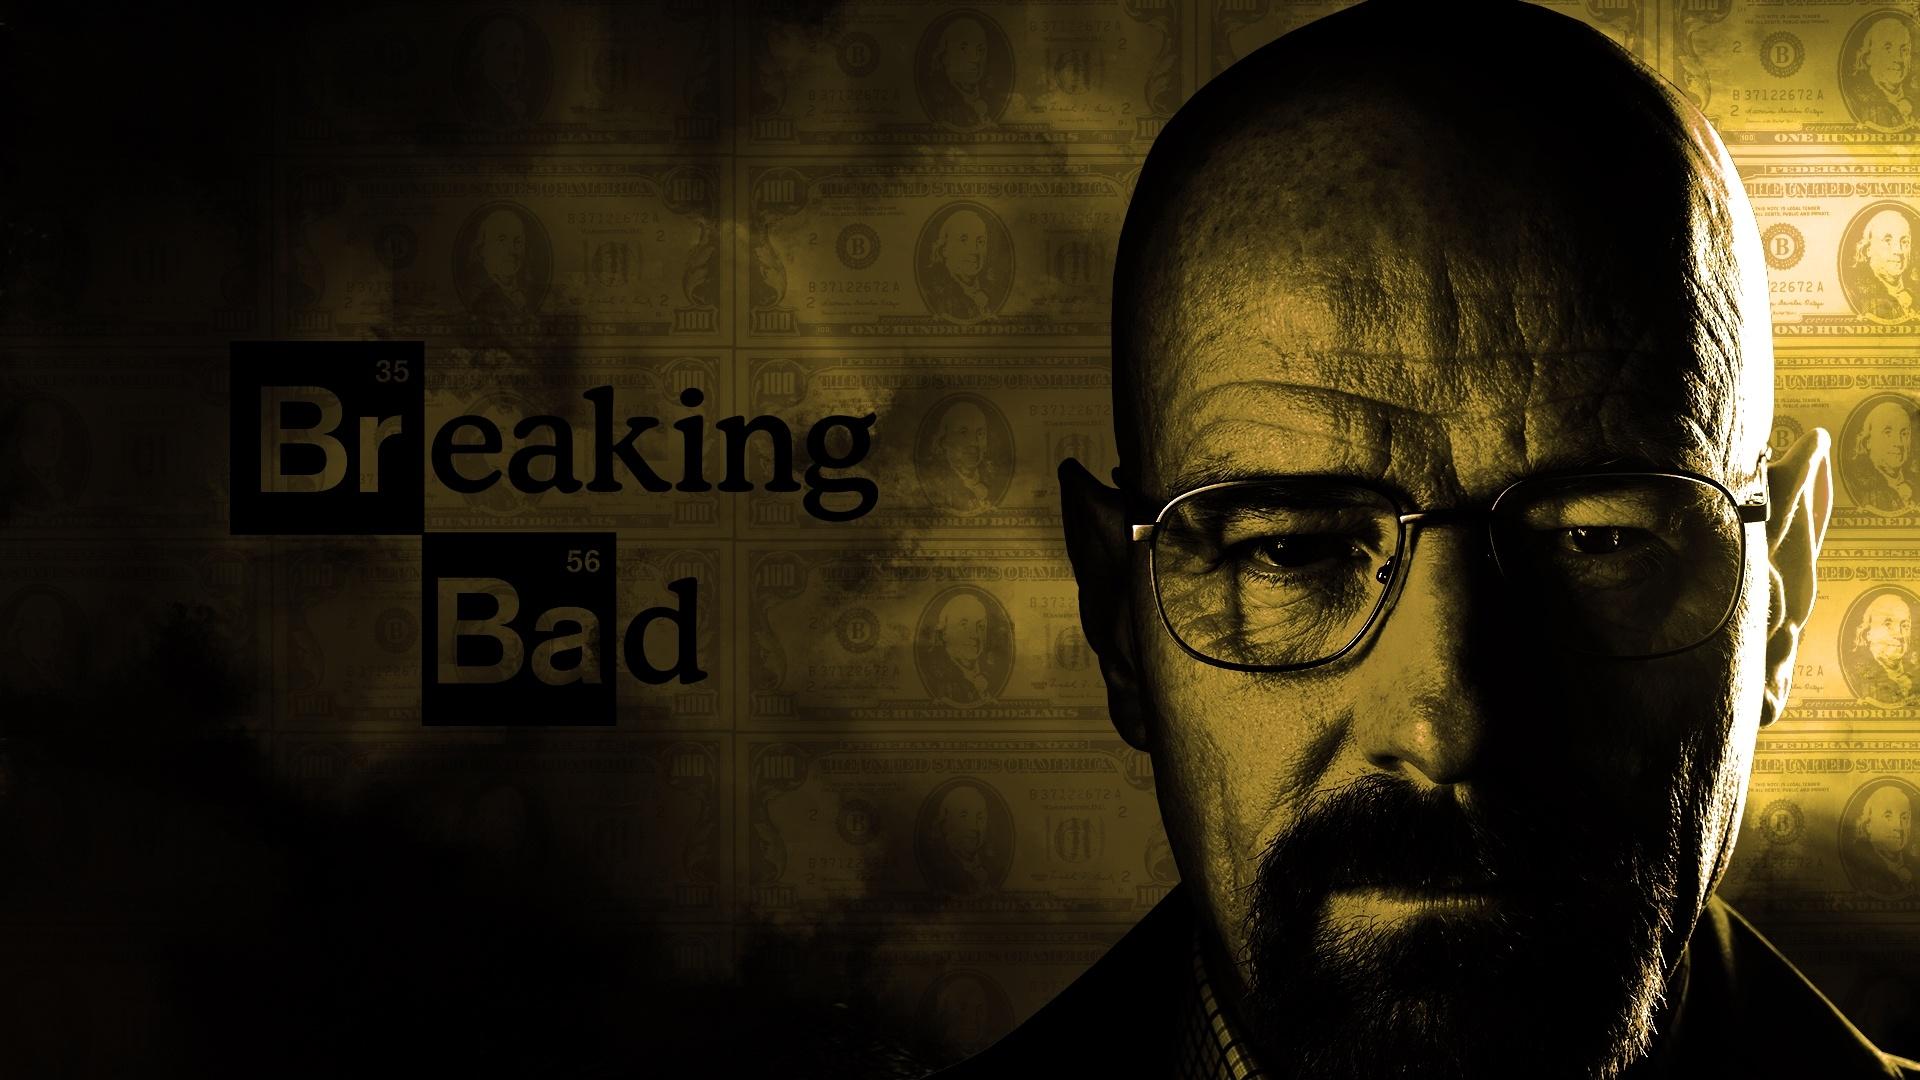 Breaking Bad desktop background